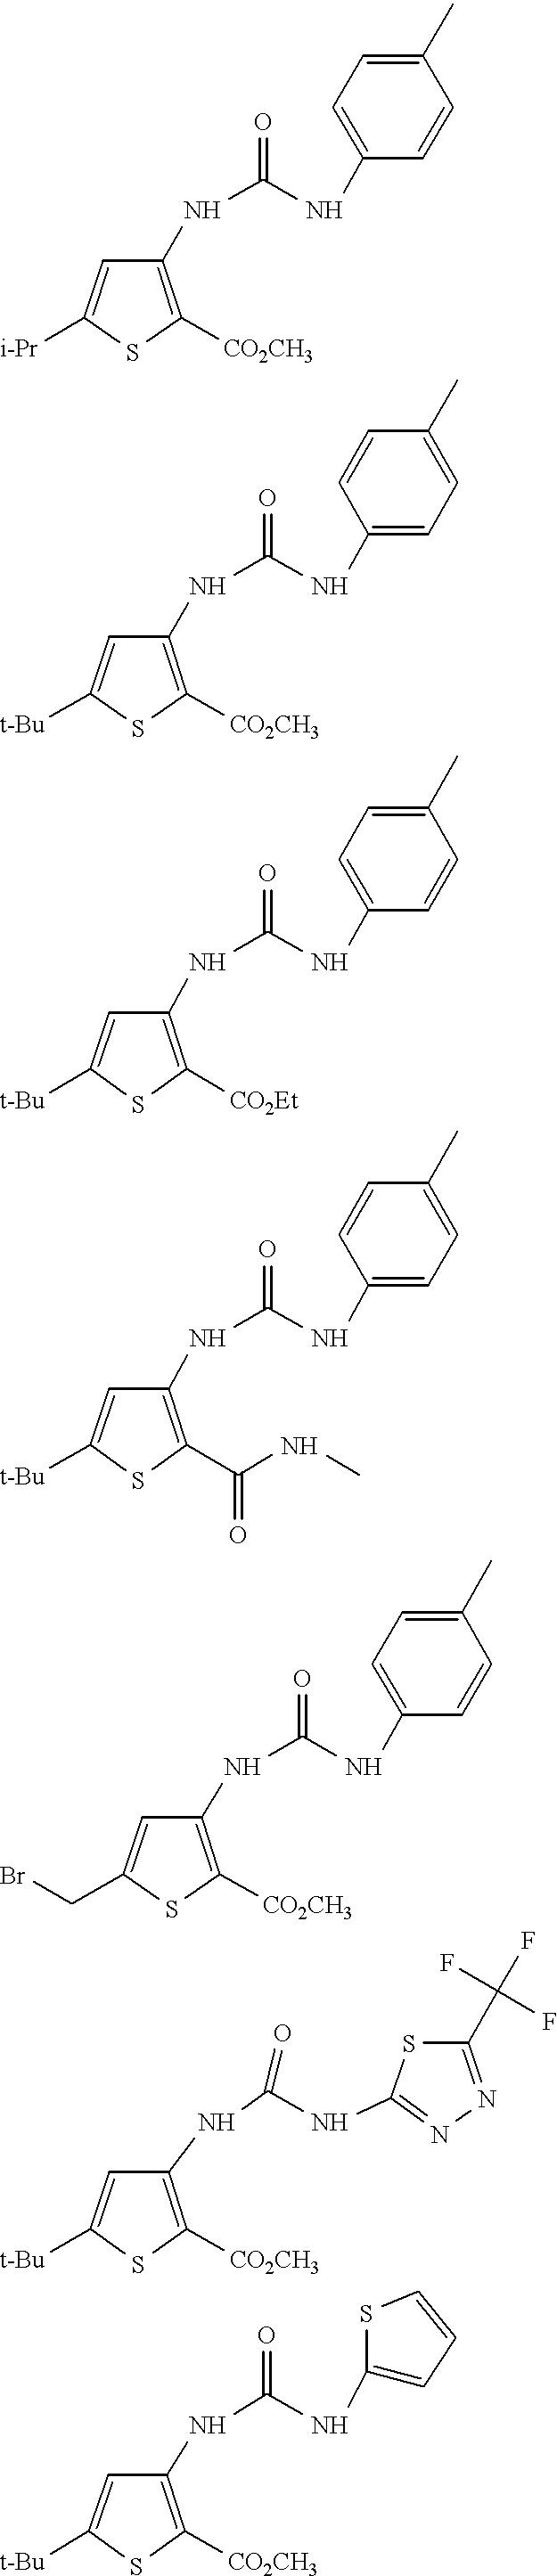 Figure US06187799-20010213-C00061